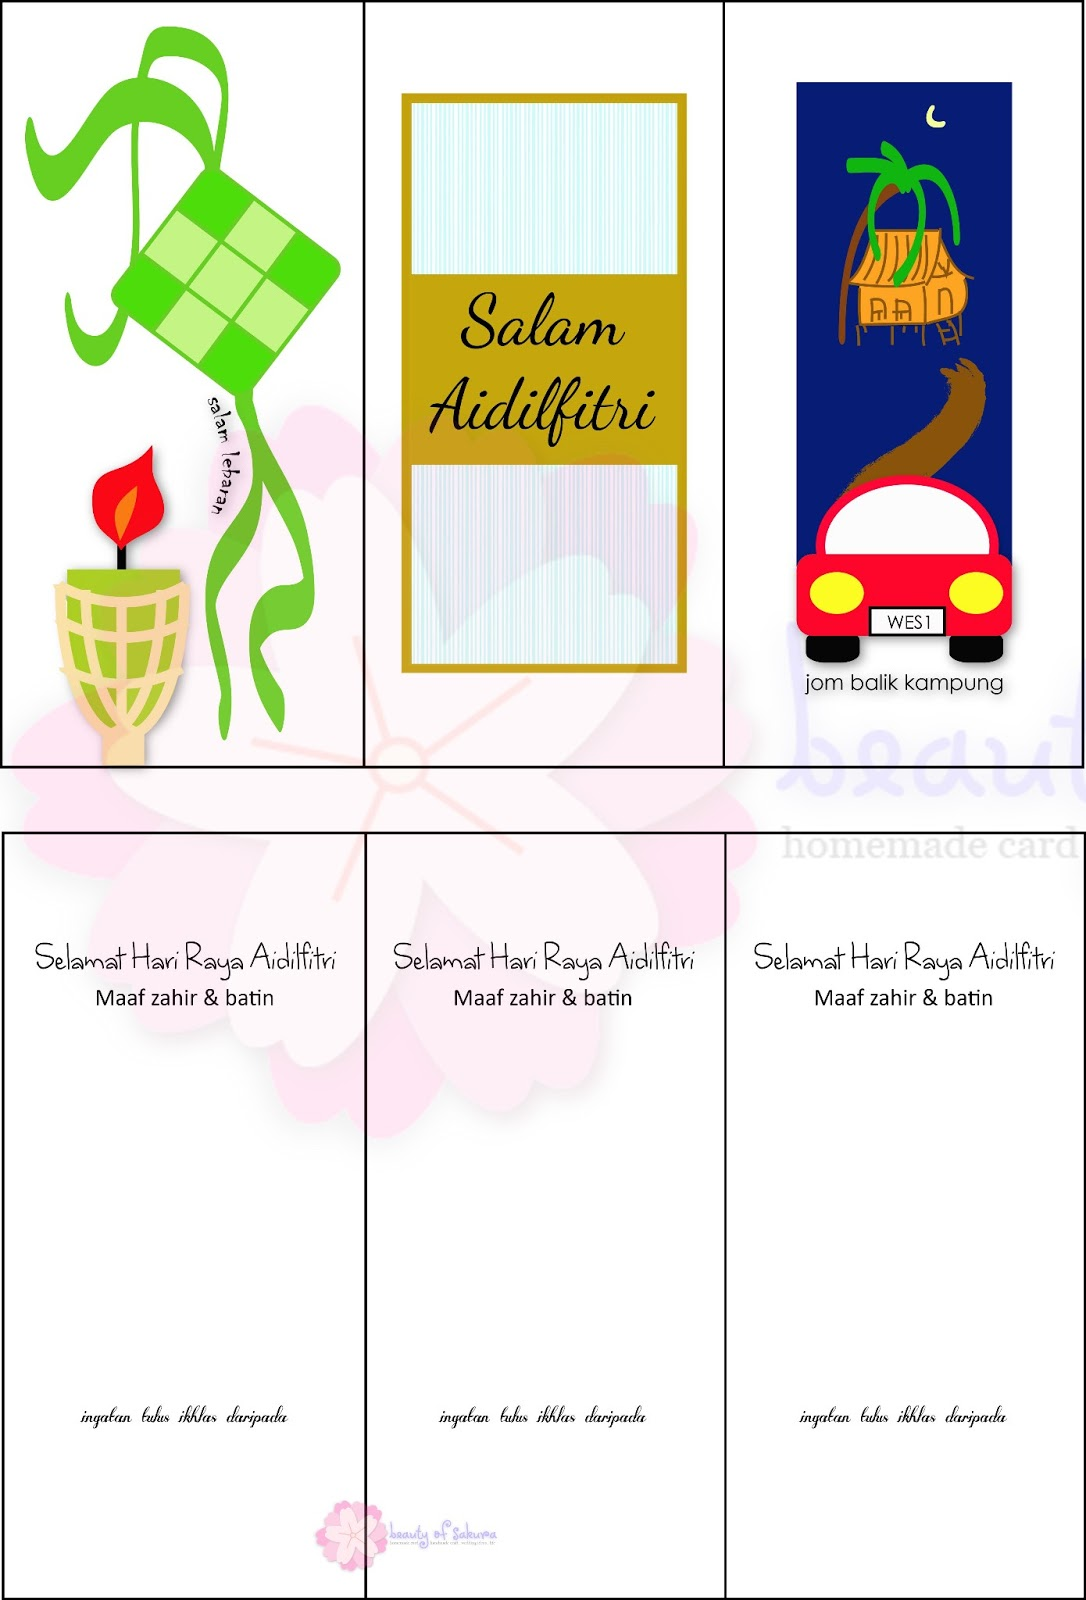 beauty of sakura: Kad Hari Raya Aidilfitri dan Greetings Card